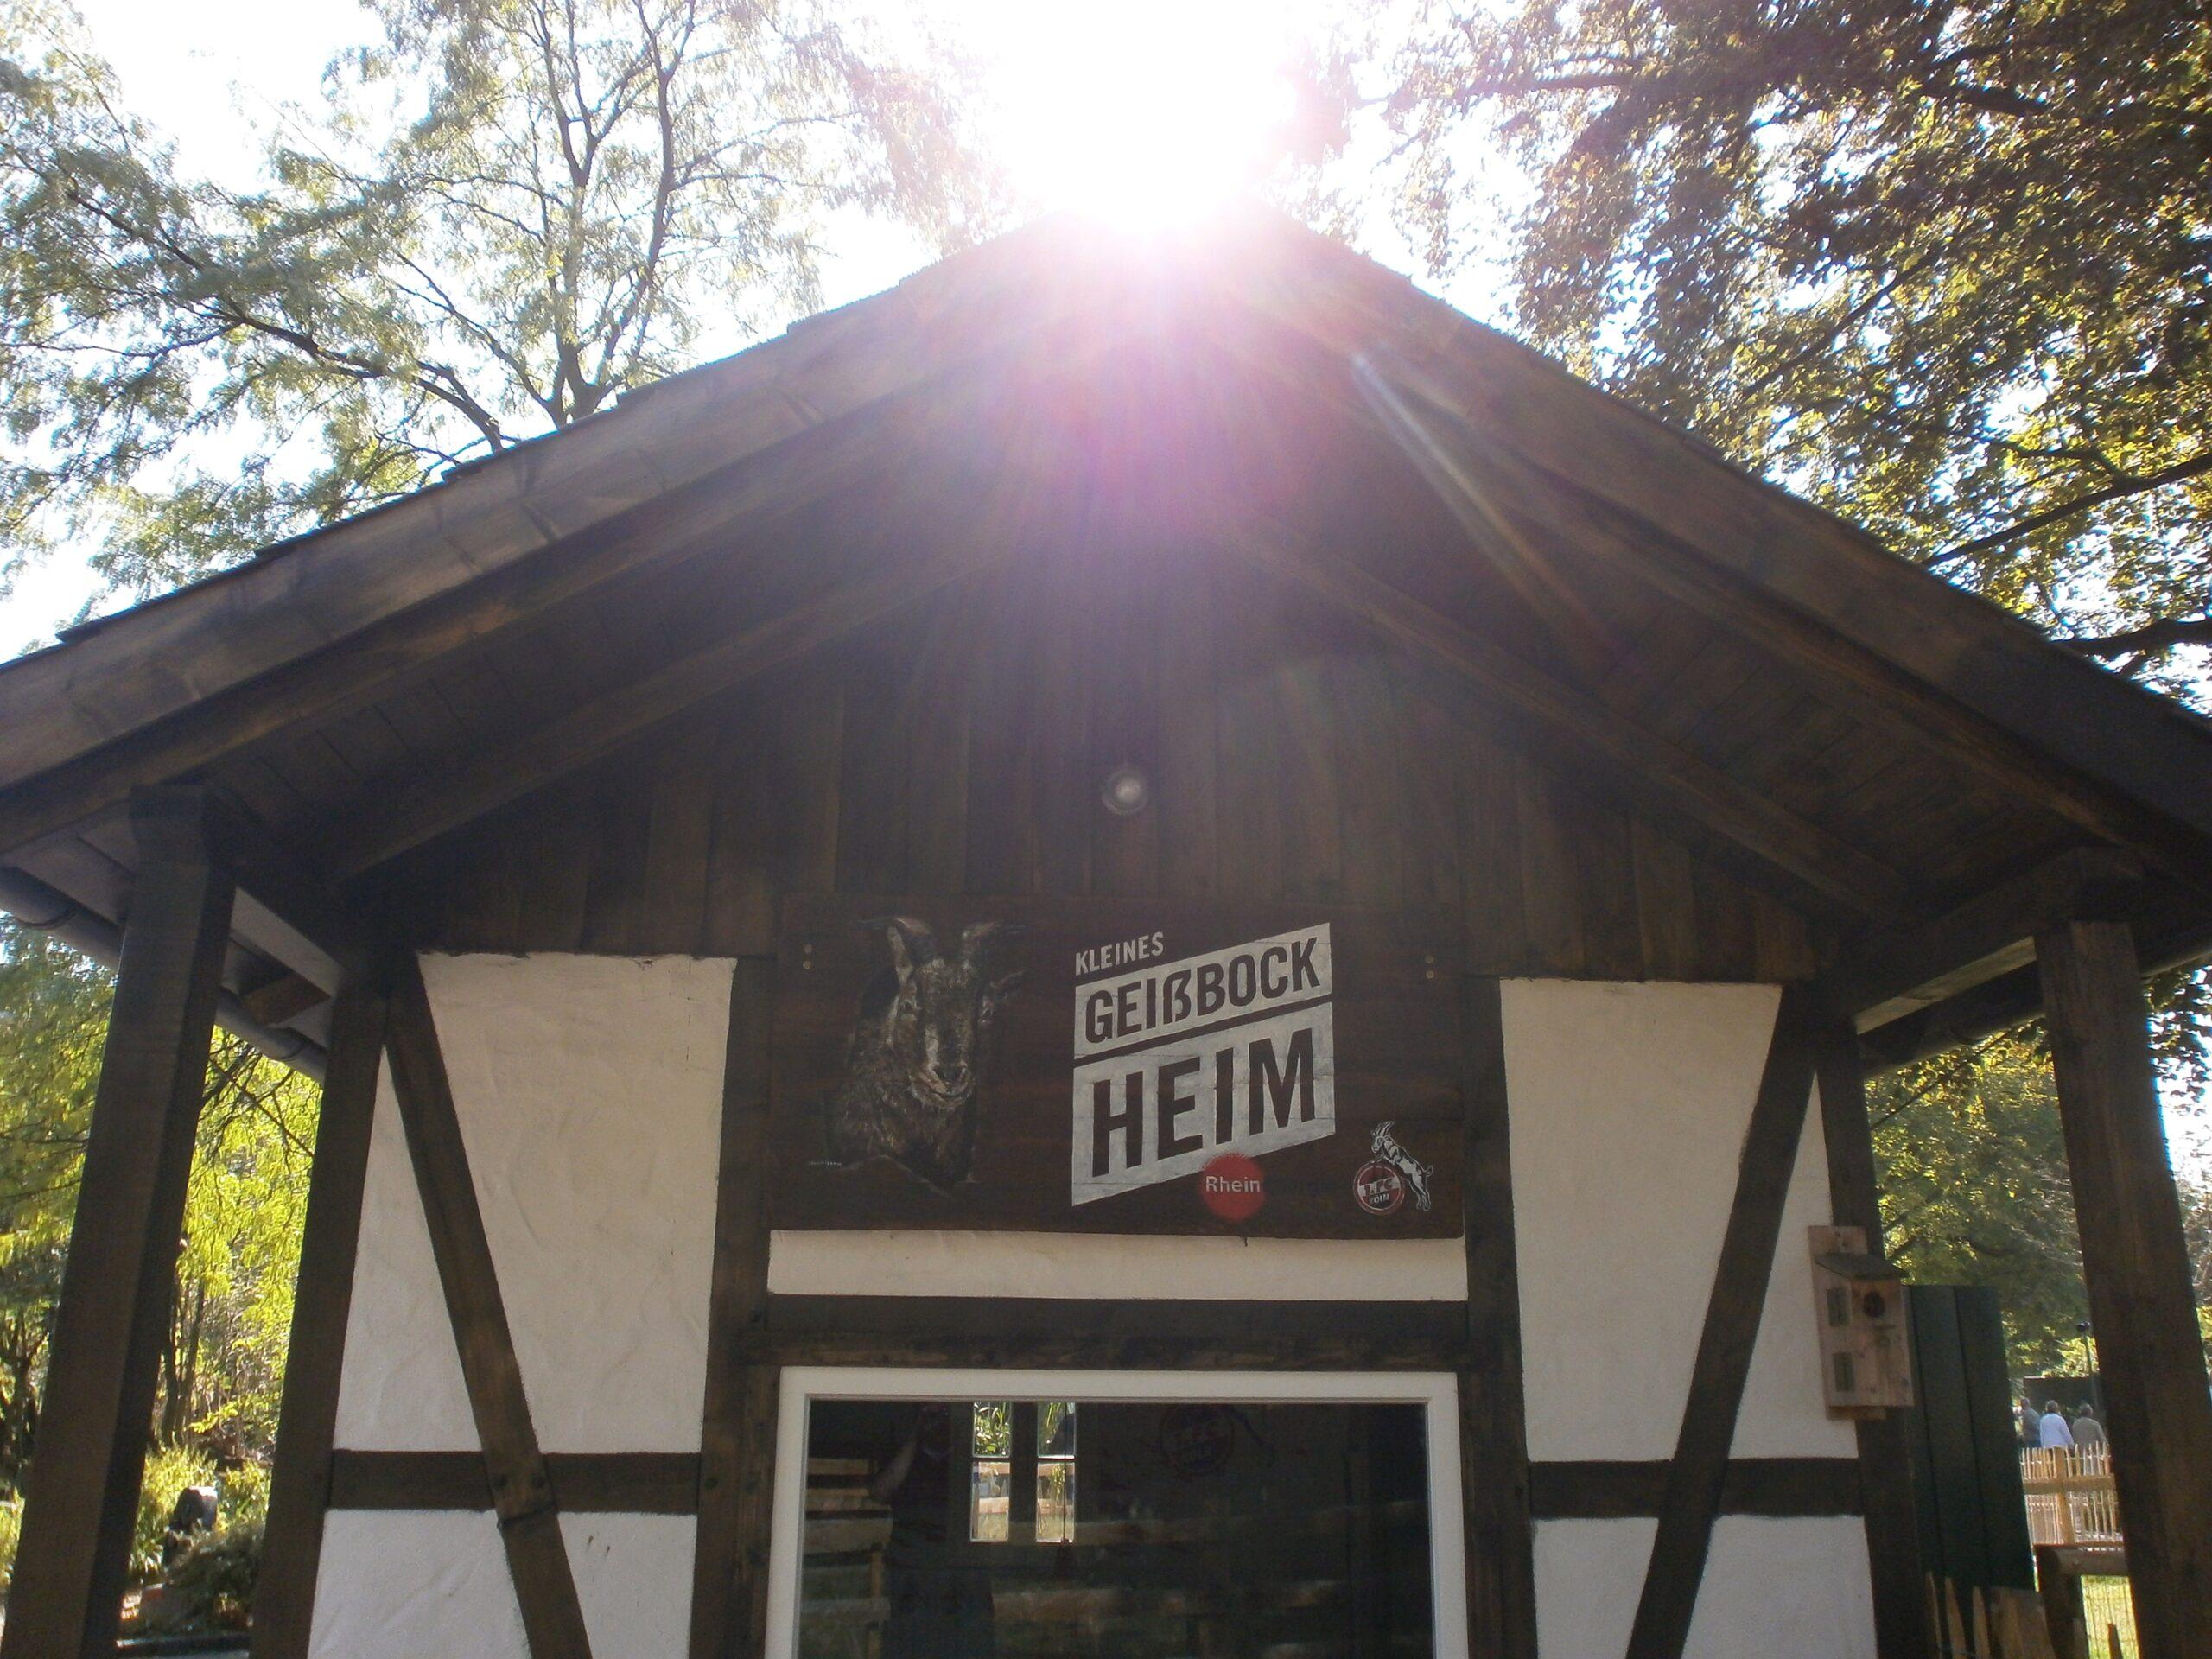 Das kleine Geißbockheim